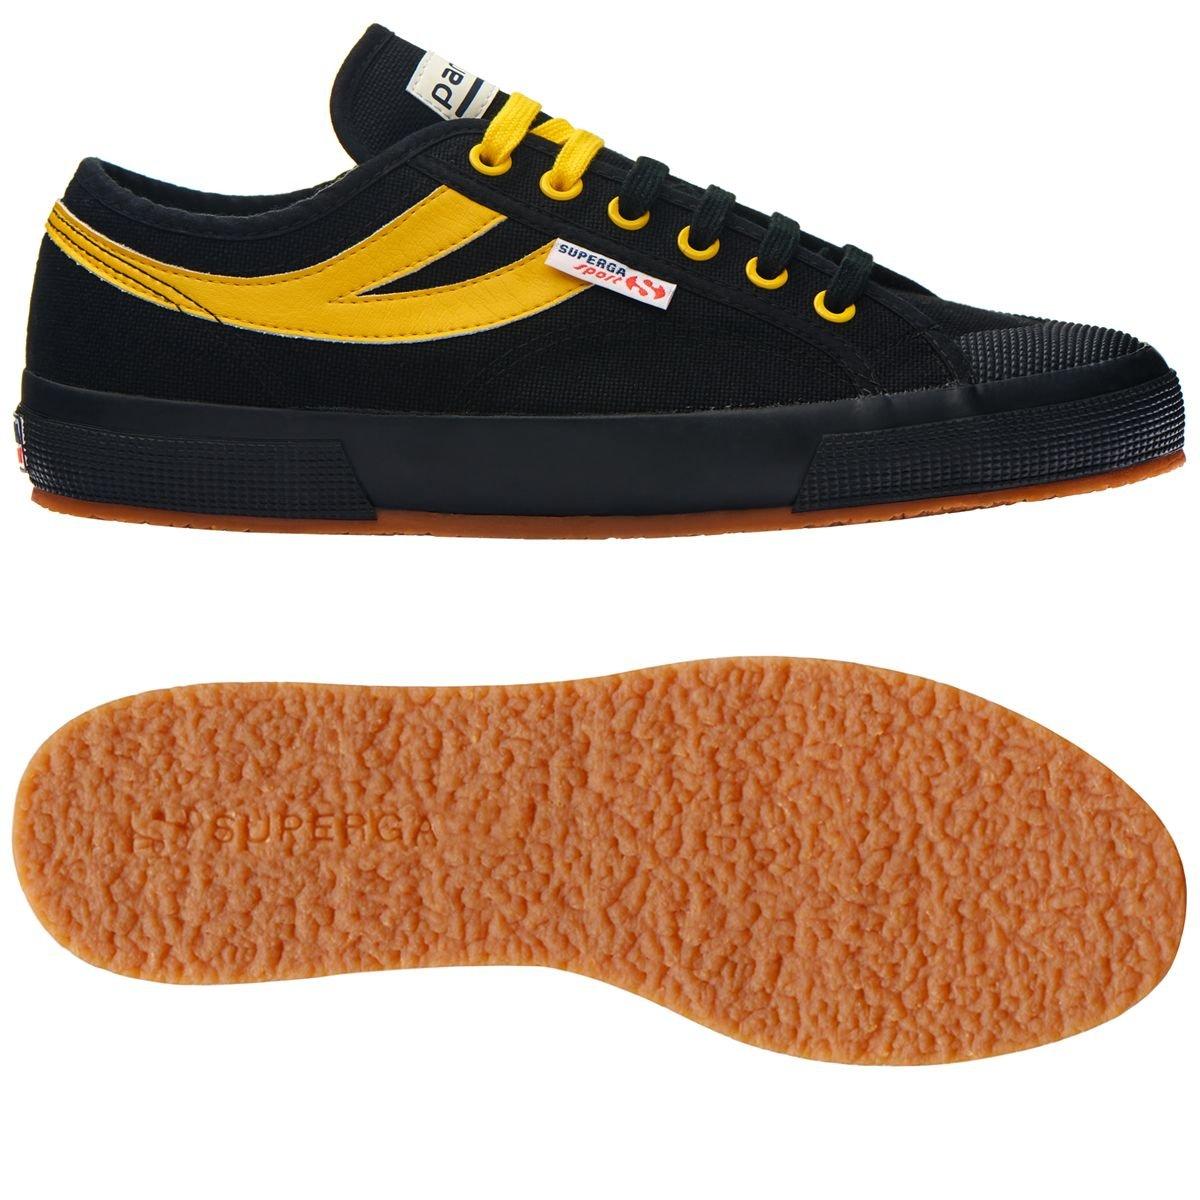 Superga 2750 Cotu Panatta, scarpe da ginnastica Unisex – Adulto nero-giallo | Qualità Affidabile  | Uomini/Donne Scarpa